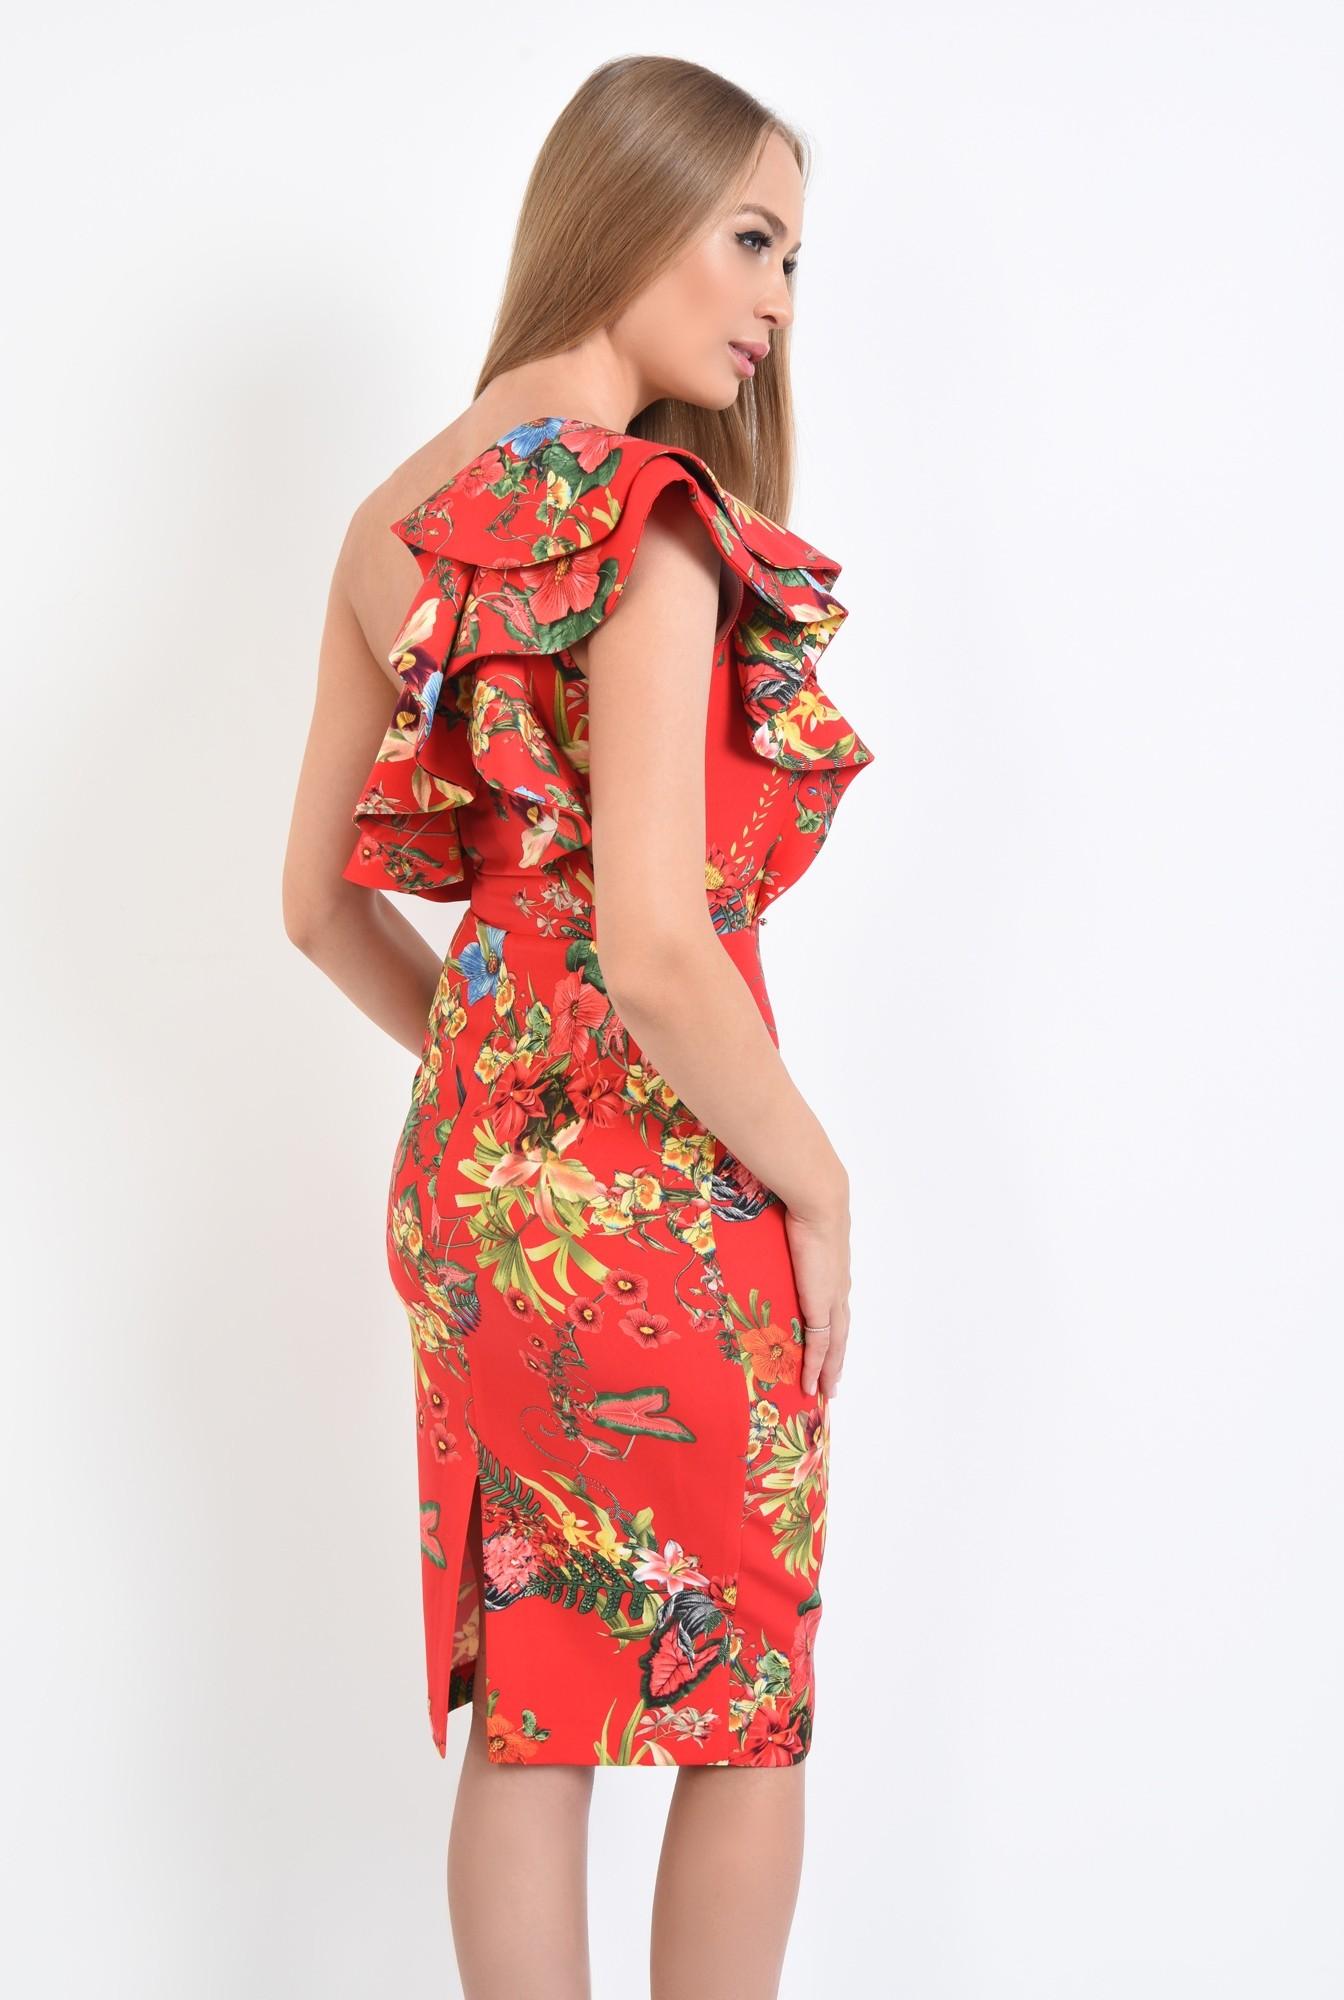 1 - rochie eleganta, conica, midi, motive florale, rosu